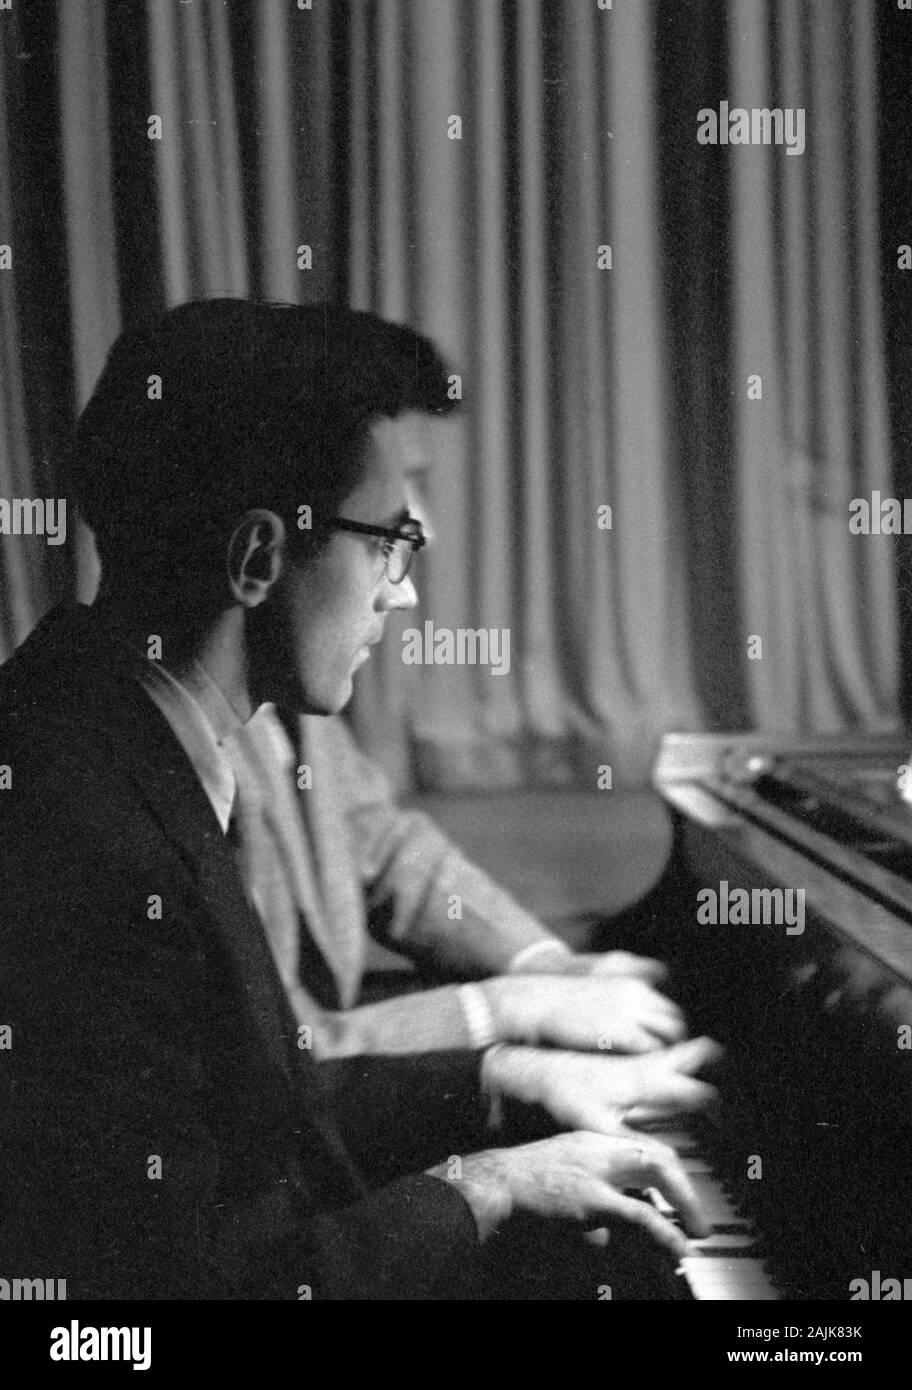 John Cage und David Tudor in der Leistung in New York City, 1957, wahrscheinlich die Winter Music. Den genauen Termin und Veranstaltungsort sind unbekannt. Stockfoto